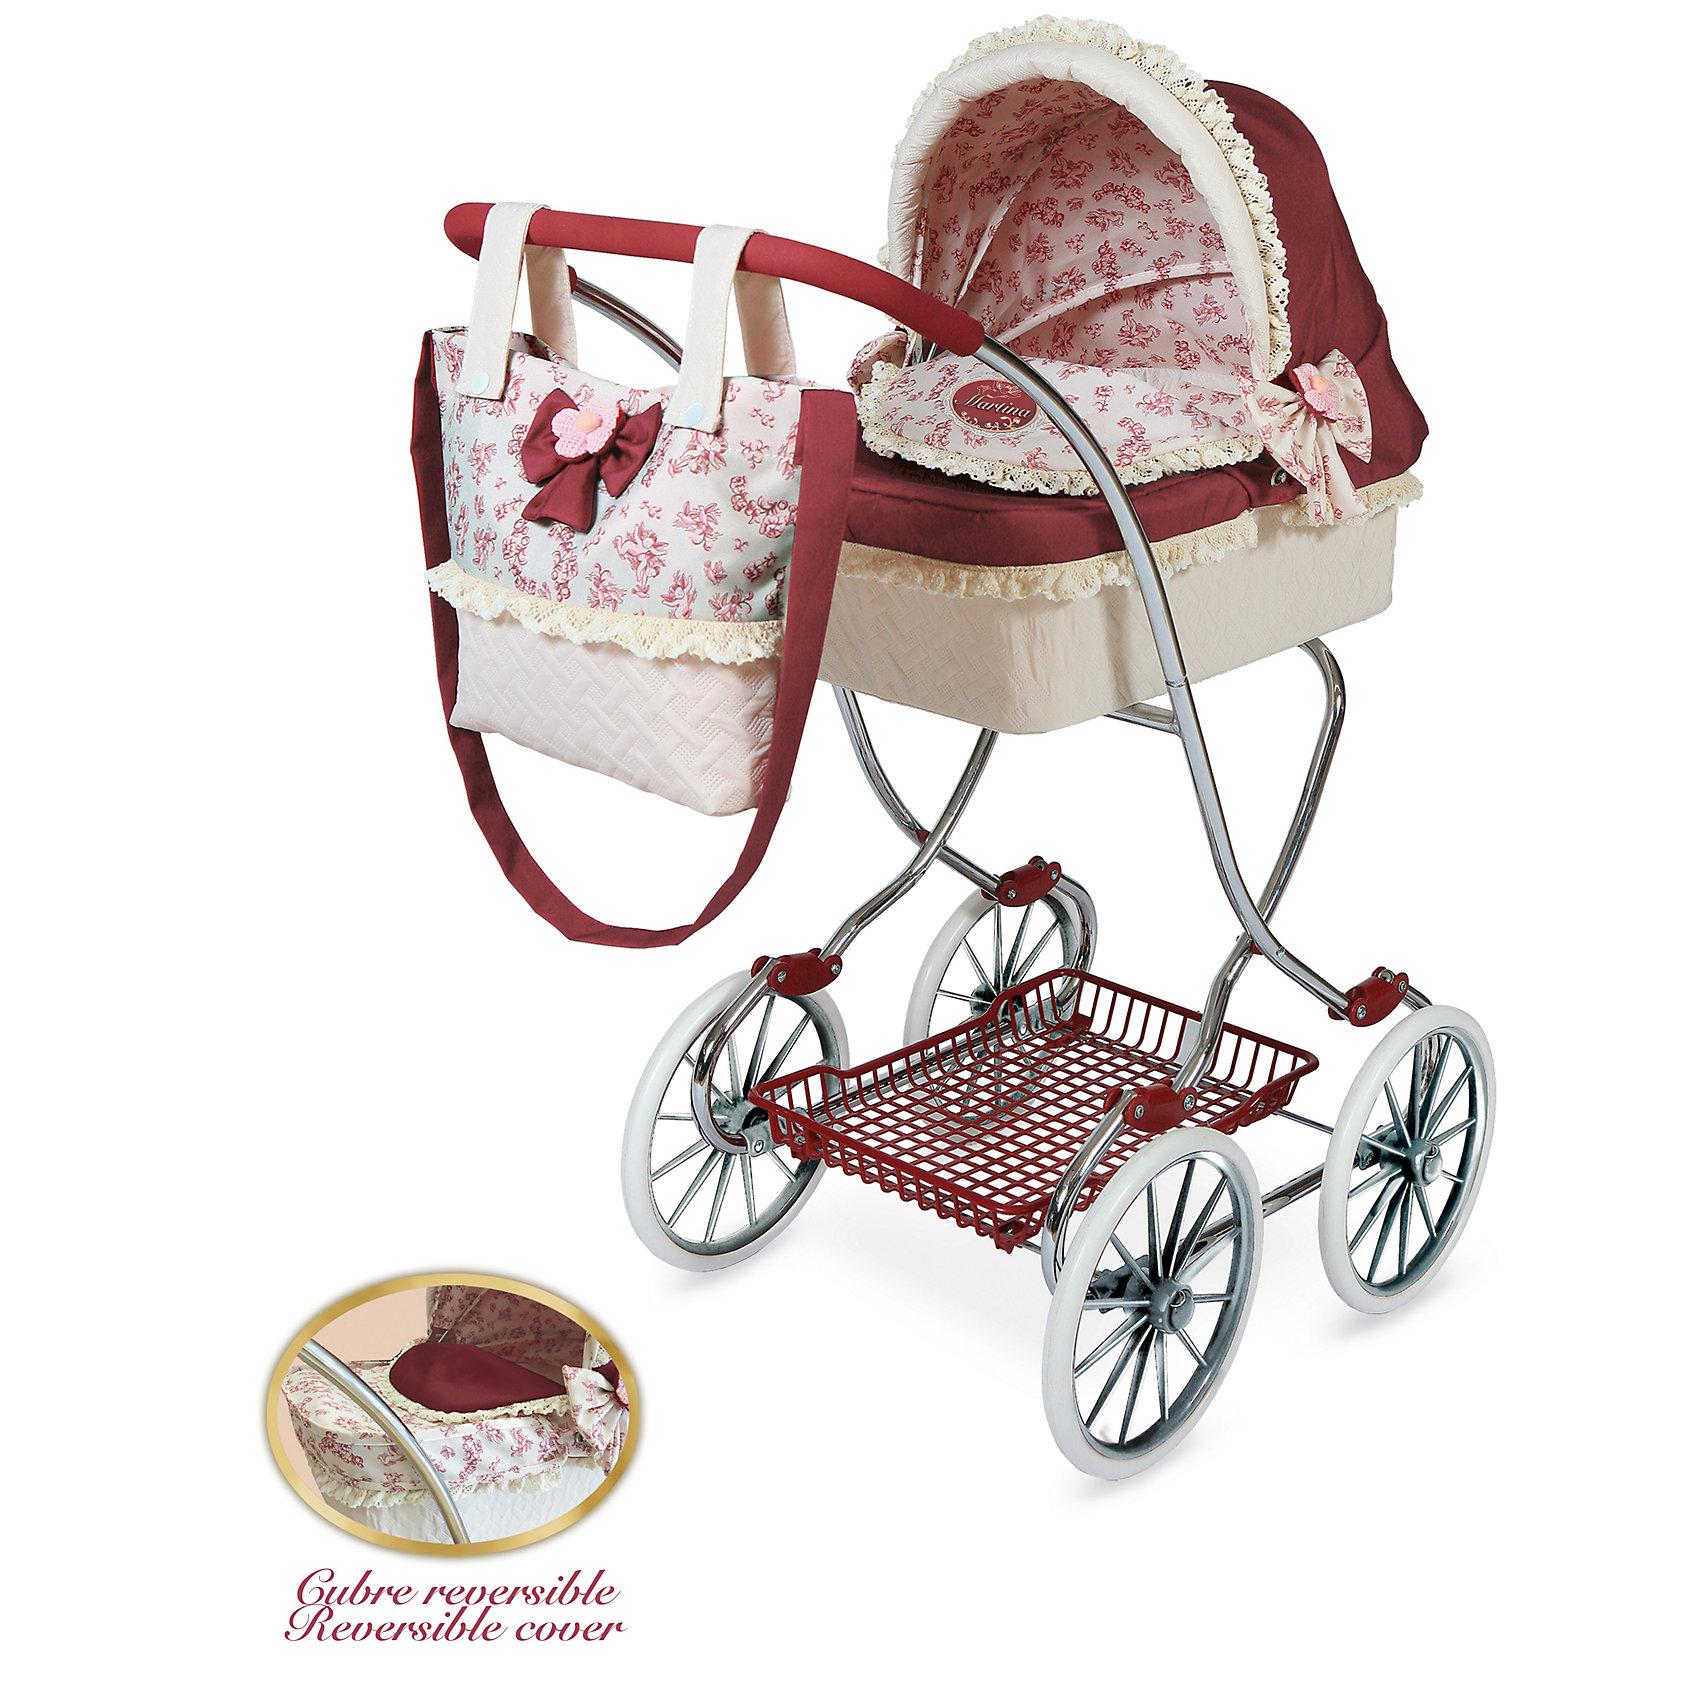 Коляска с сумкой Мартина, DeCuevasТранспорт и коляски для кукол<br>Кукла для девочки - это не только игрушка, с которой можно весело провести время, кукла - это возможность отрабатывать навыки поведения в обществе, учиться заботе о других, делать прически и одеваться согласно моде и поводу. Любимой кукле обязательно нужна коляска.<br>Эта красивая коляска не только эффектно выглядит, она легко складывается. В ней есть всё необходимое для комфорта - корзина для покупок и сумка на ручке. Игрушка украшена отделкой, в ней - прочный металлический каркас. Произведена коляска из безопасных для ребенка и качественных материалов.<br><br>Дополнительная информация:<br><br>цвет: розовый;<br>материал: пластик, текстиль, металл;<br>есть корзина для покупок и сумка на ручке;<br>размер: 80 х 45 х 90 см.<br><br>Коляску с сумкой Мартина от компании DeCuevas можно купить в нашем магазине.<br><br>Ширина мм: 45<br>Глубина мм: 80<br>Высота мм: 90<br>Вес г: 4830<br>Возраст от месяцев: 36<br>Возраст до месяцев: 2147483647<br>Пол: Женский<br>Возраст: Детский<br>SKU: 4975806